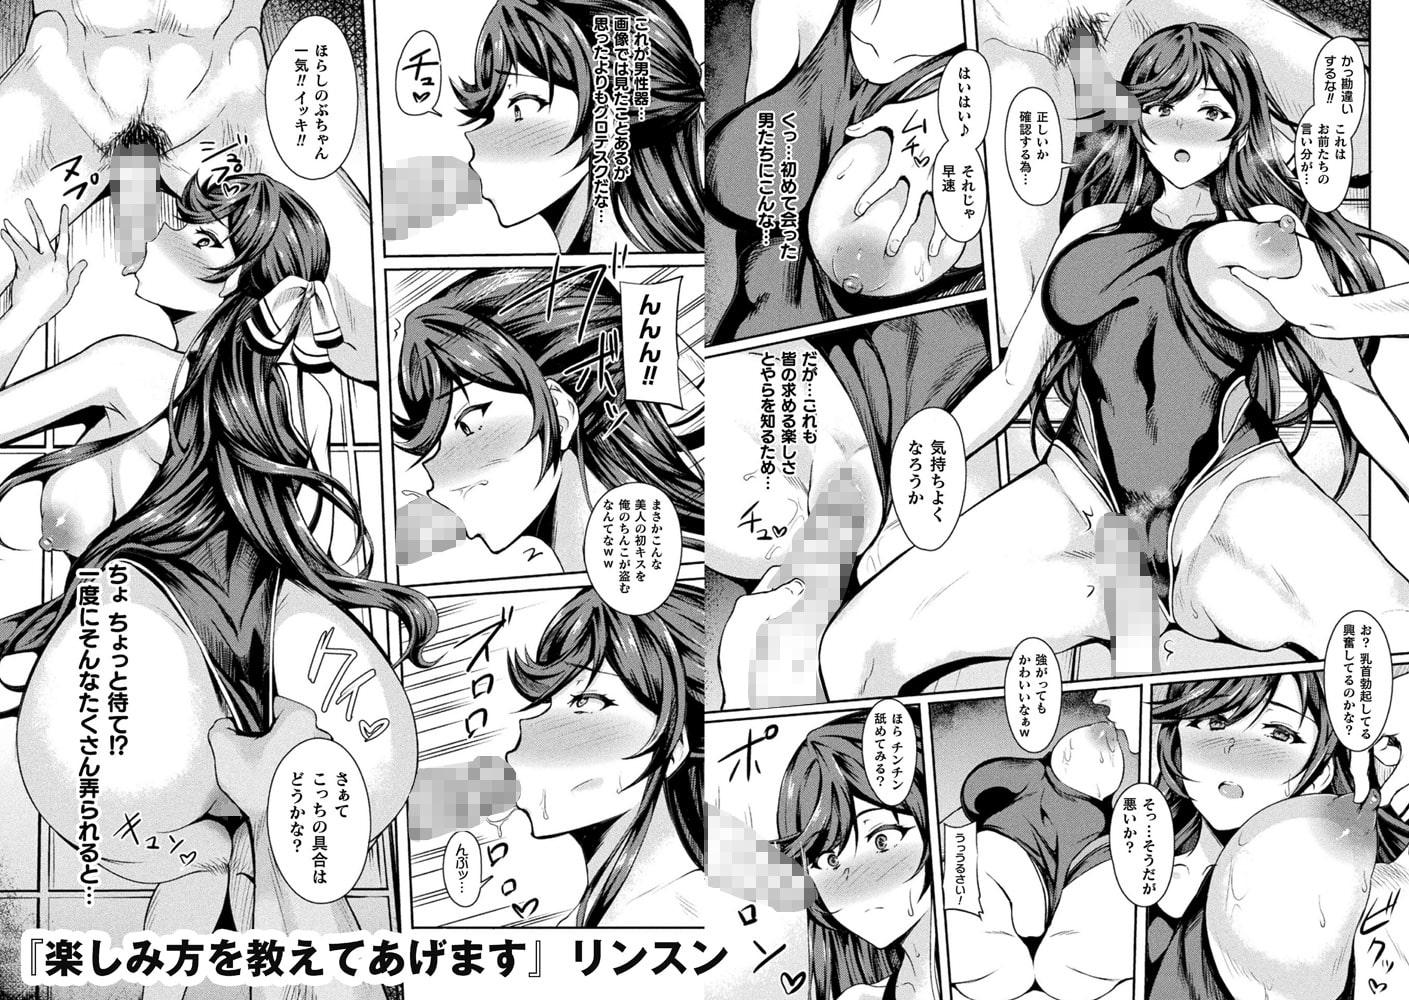 二次元コミックマガジン 清純少女がヤリサーに流され淫乱パリピ堕ち!Vol.2